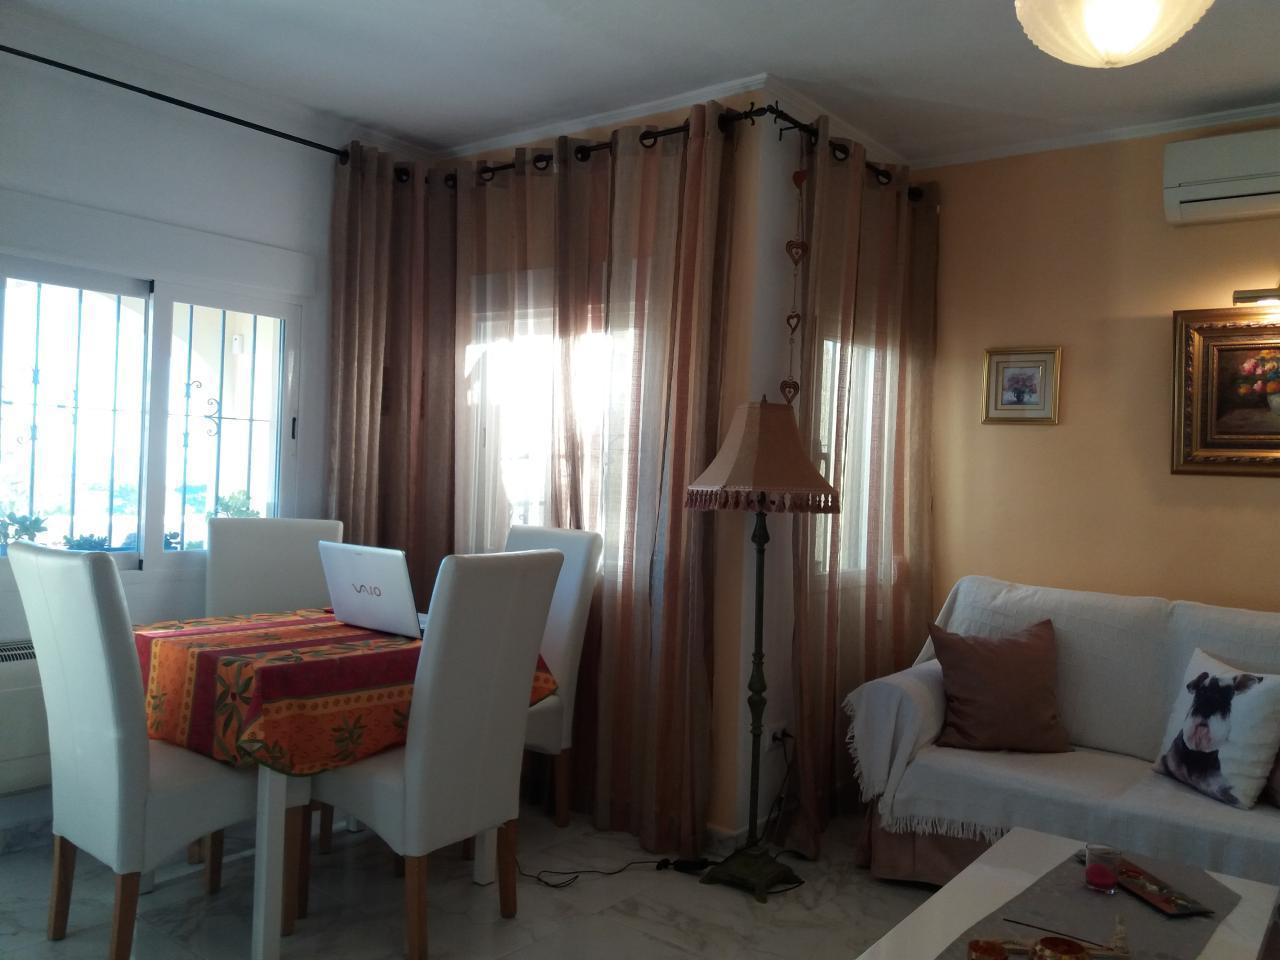 Ferienhaus Komfortabler Meerblick-Bungalow mit Aircondition und Internet in Moraira-Teulada (1696168), Moraira, Costa Blanca, Valencia, Spanien, Bild 11